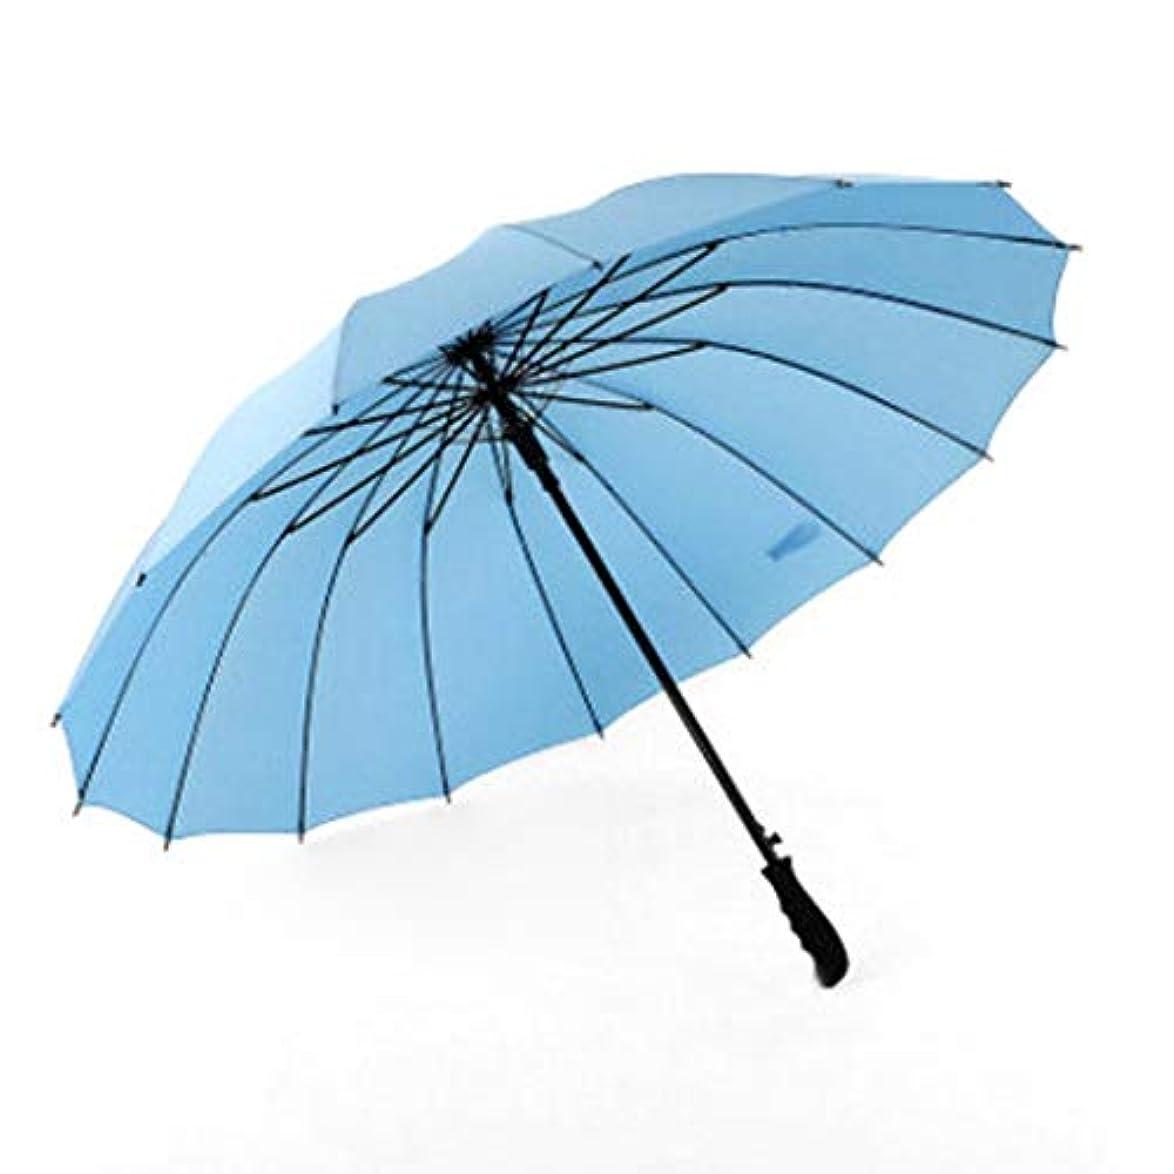 ねばねばドラムじゃないJOYS CLOTHING 傘ダブル自動ゴルフ傘屋外の日よけストレート16 (Color : Sky blue)